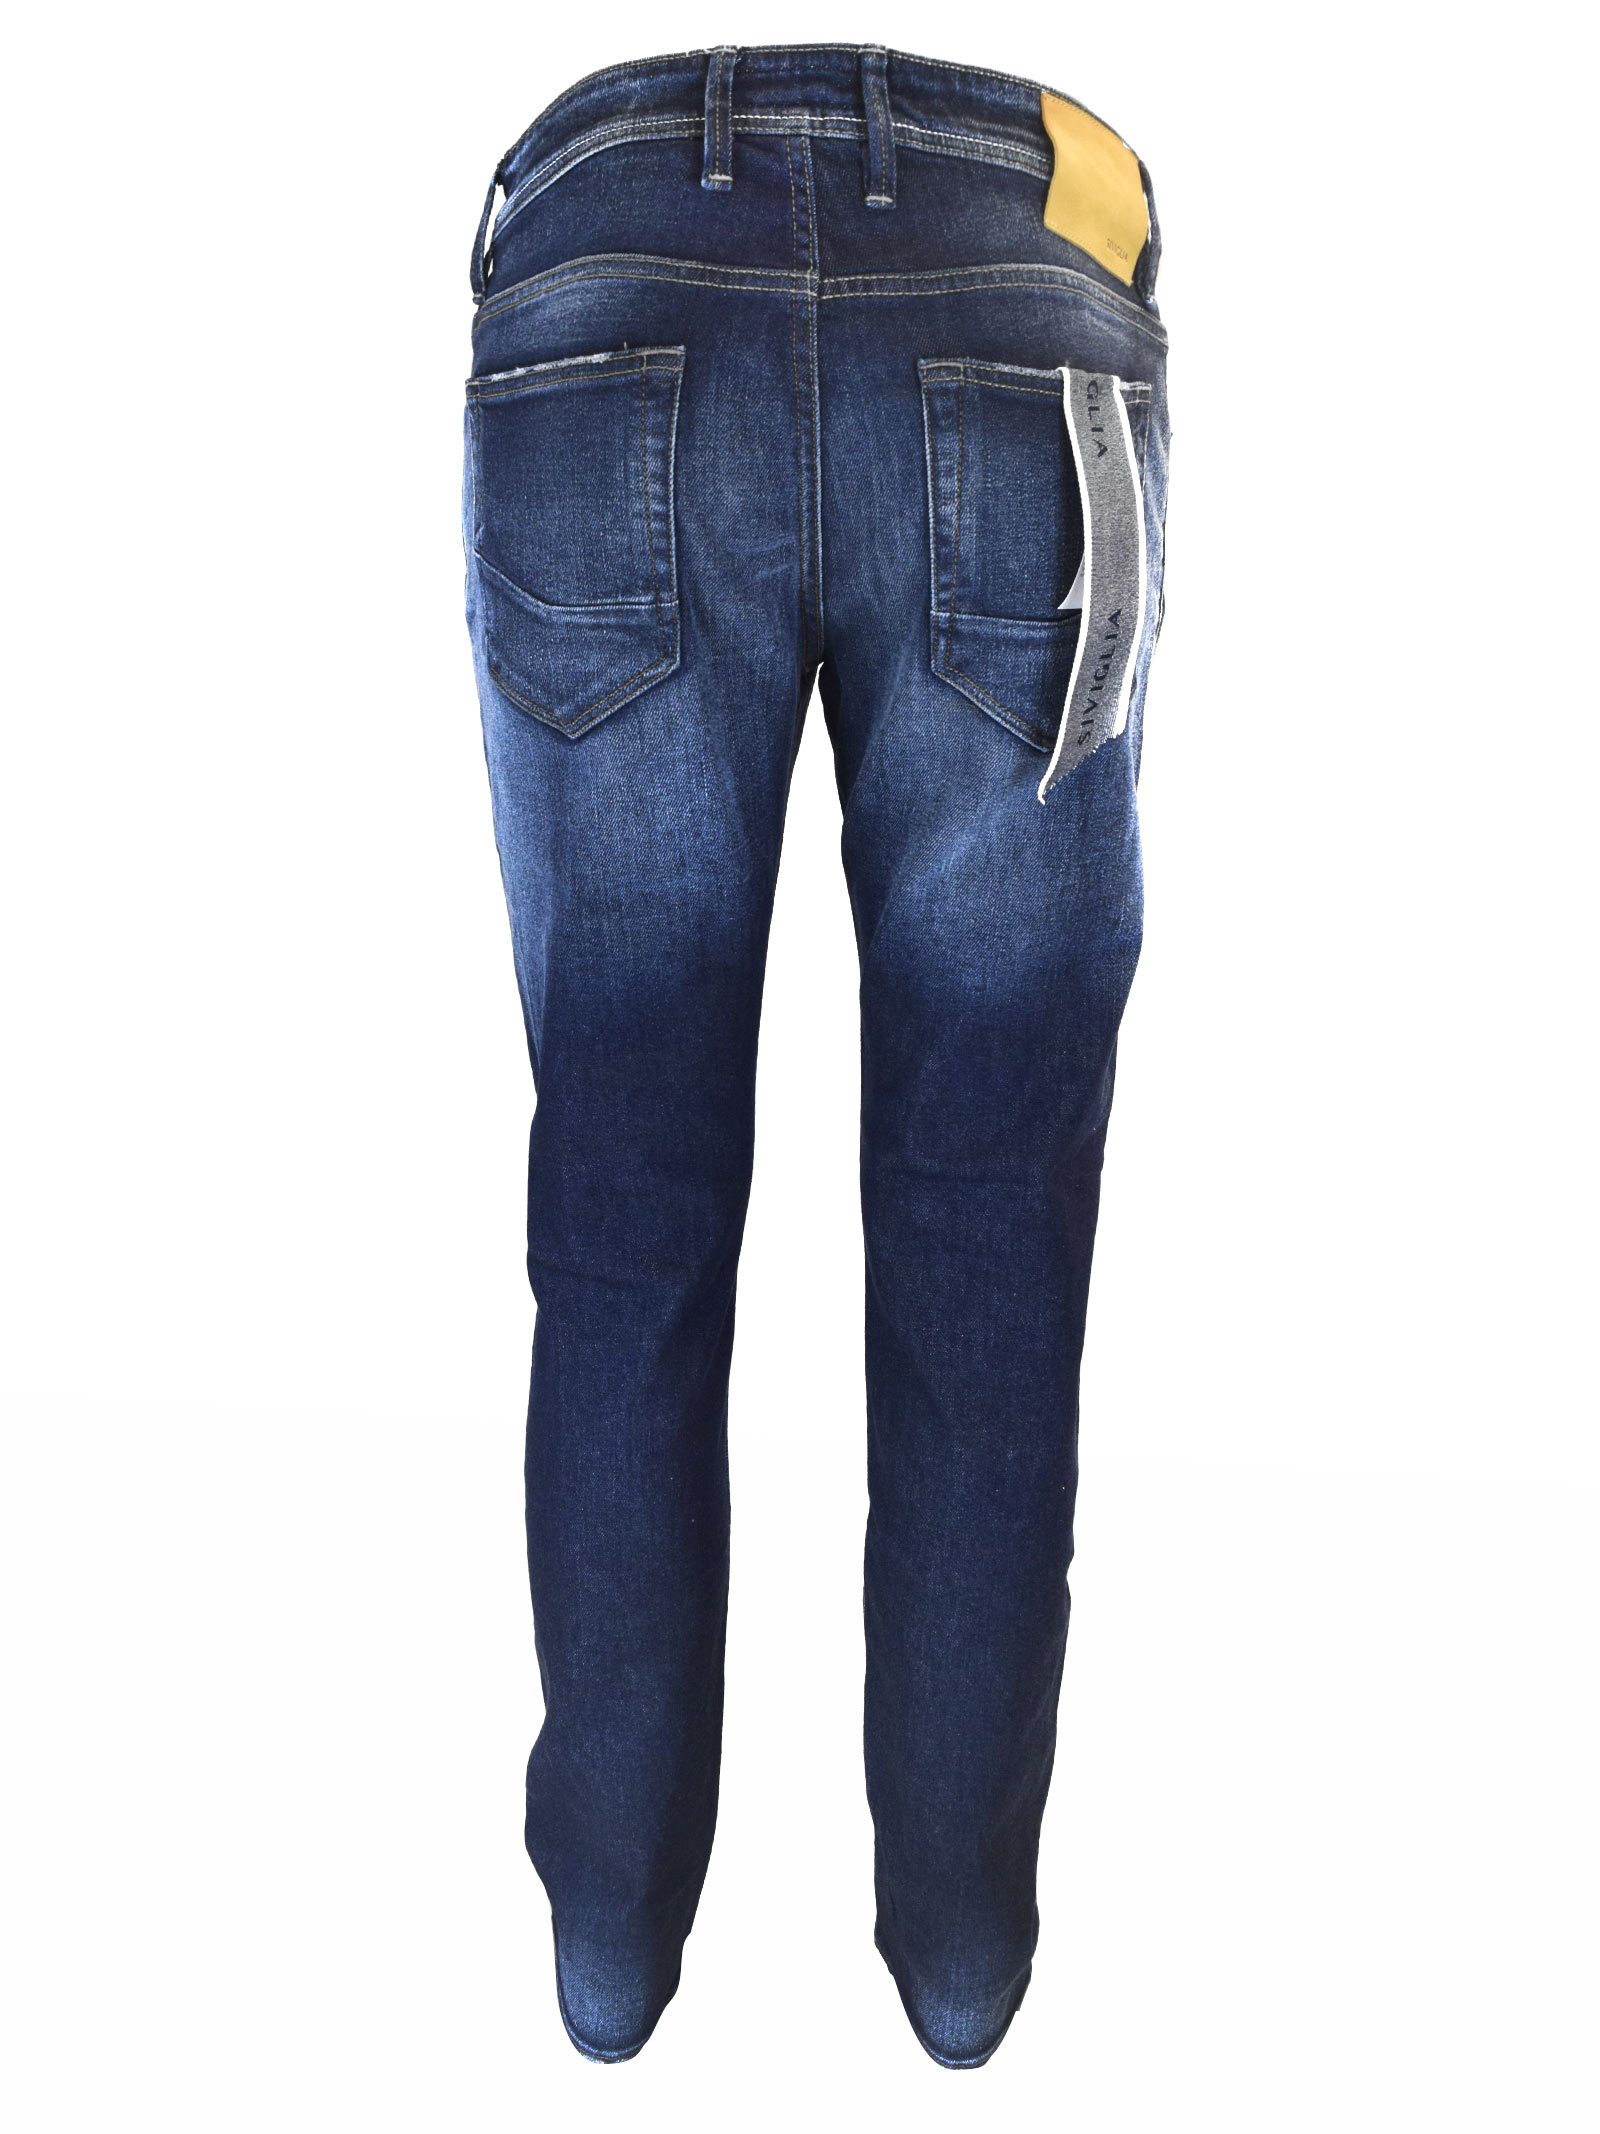 JEANS STRETCH FONDO 18 SIVIGLIA   Jeans   22Q3S4046003